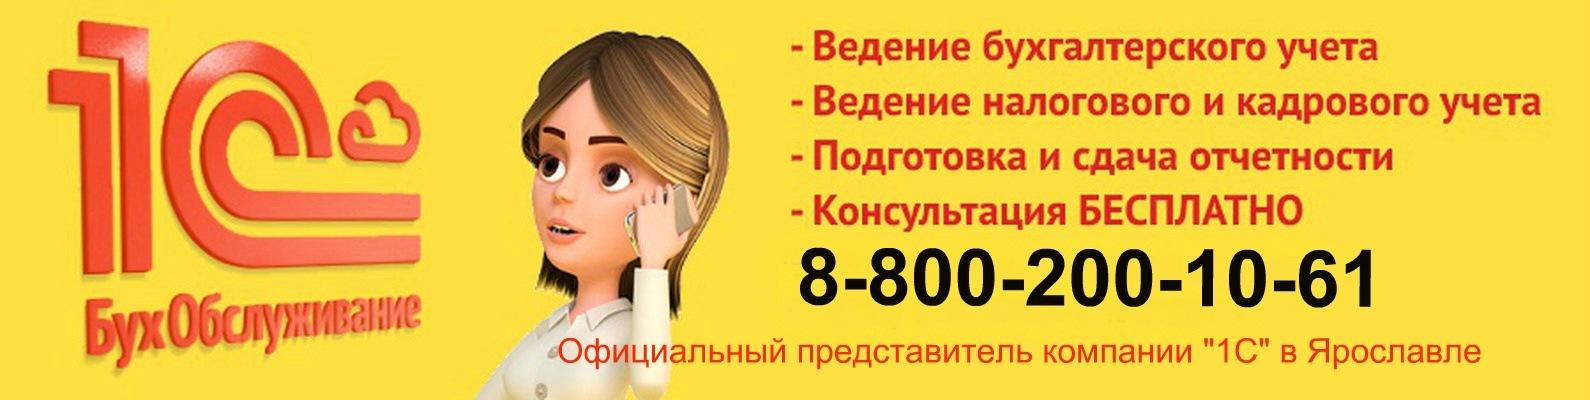 Консультации бухгалтера ярославль регистрация ип в качестве работодателя 2019